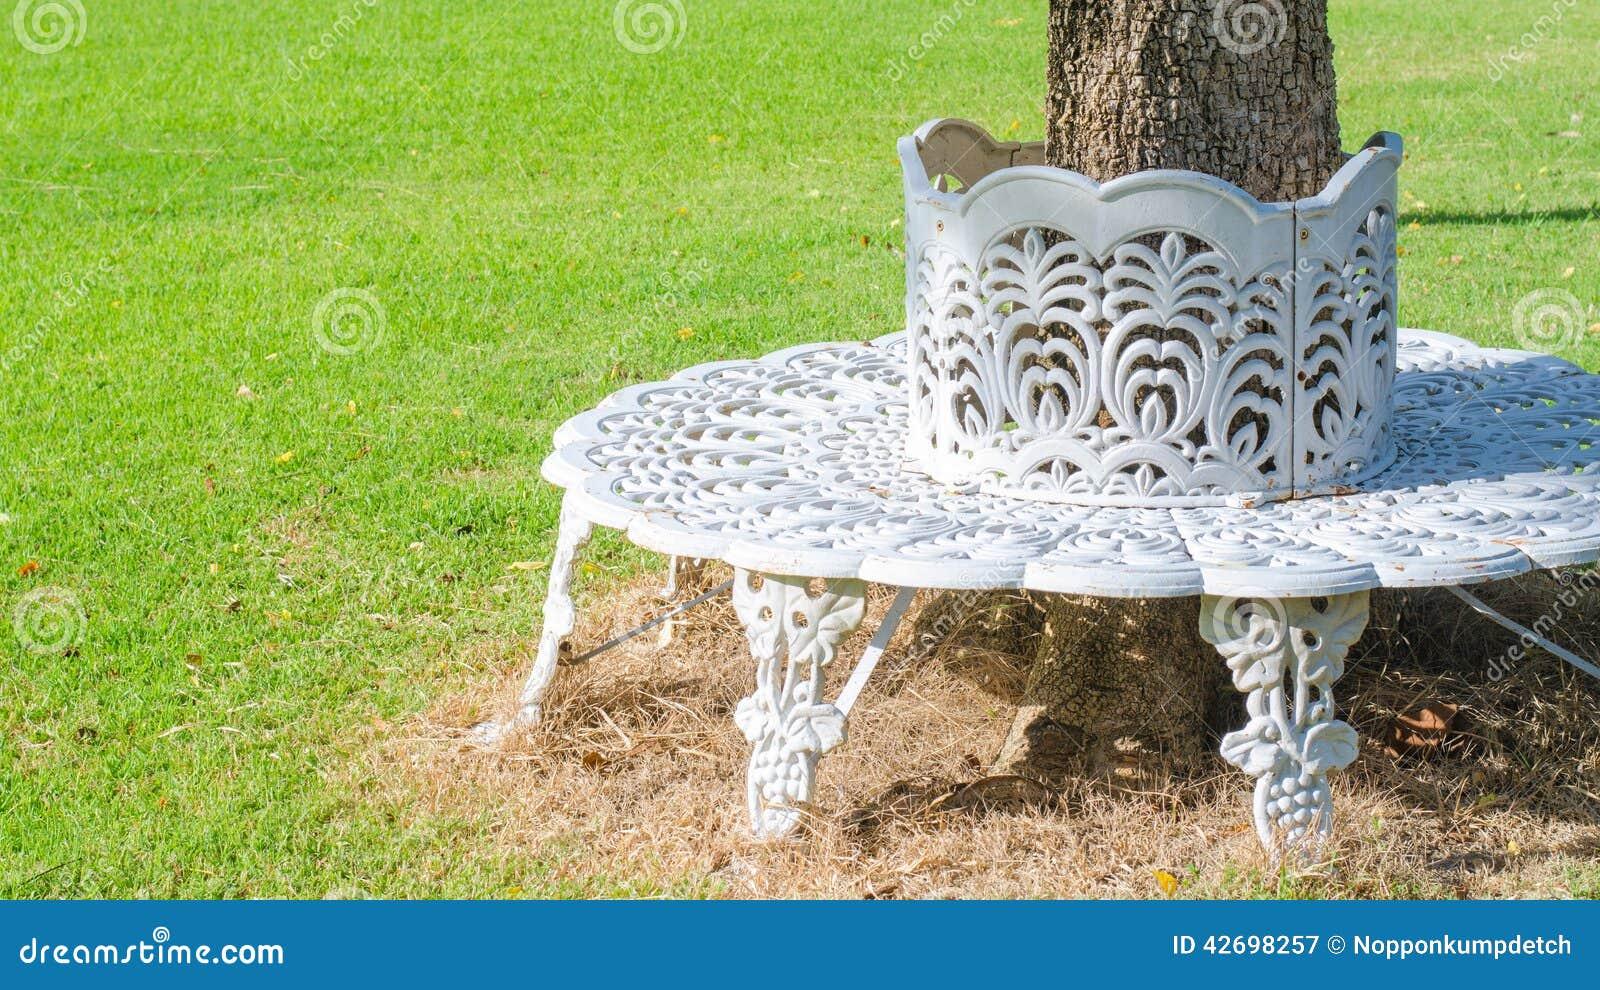 chaise blanche de fonte construite dans le cercle autour d 39 un arbre photo stock image 42698257. Black Bedroom Furniture Sets. Home Design Ideas